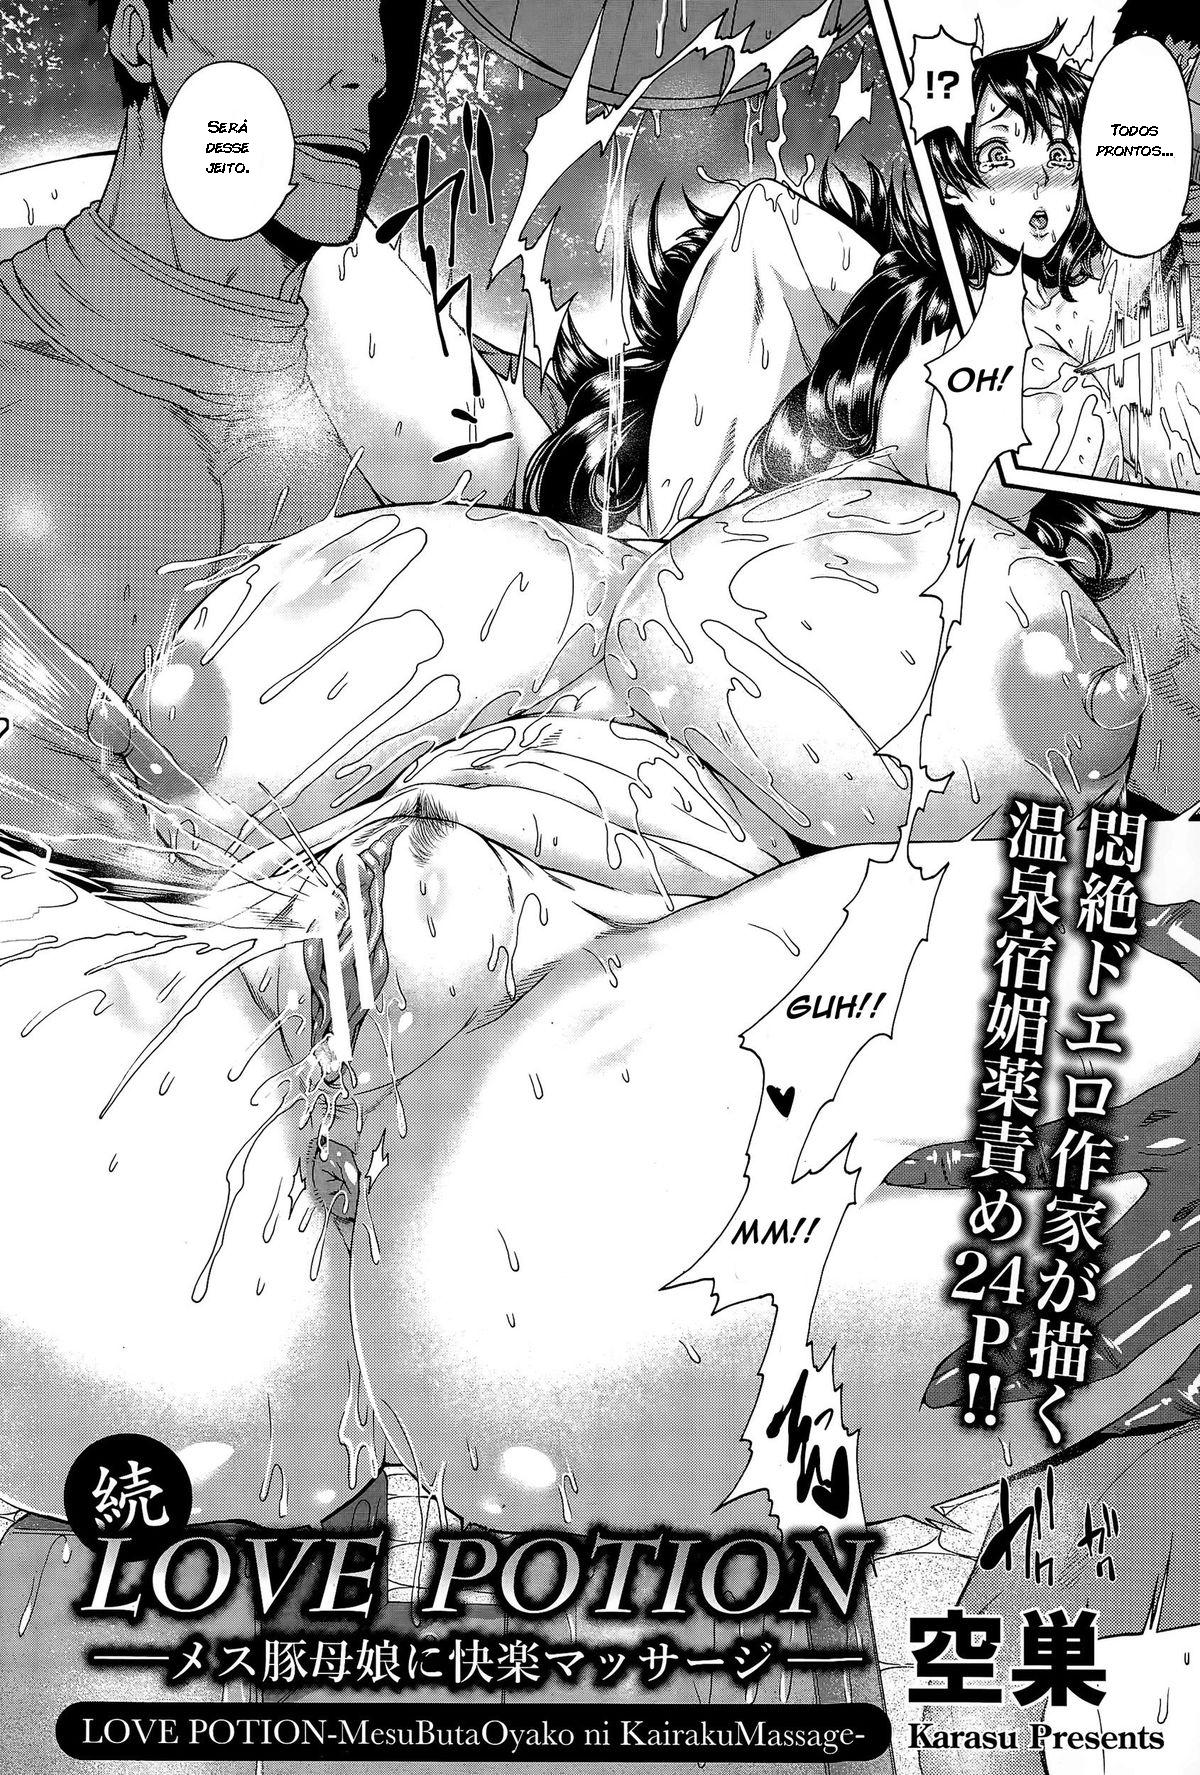 Zoku Love Potion – Mesubuta Oyako Ni Kairaku Massage